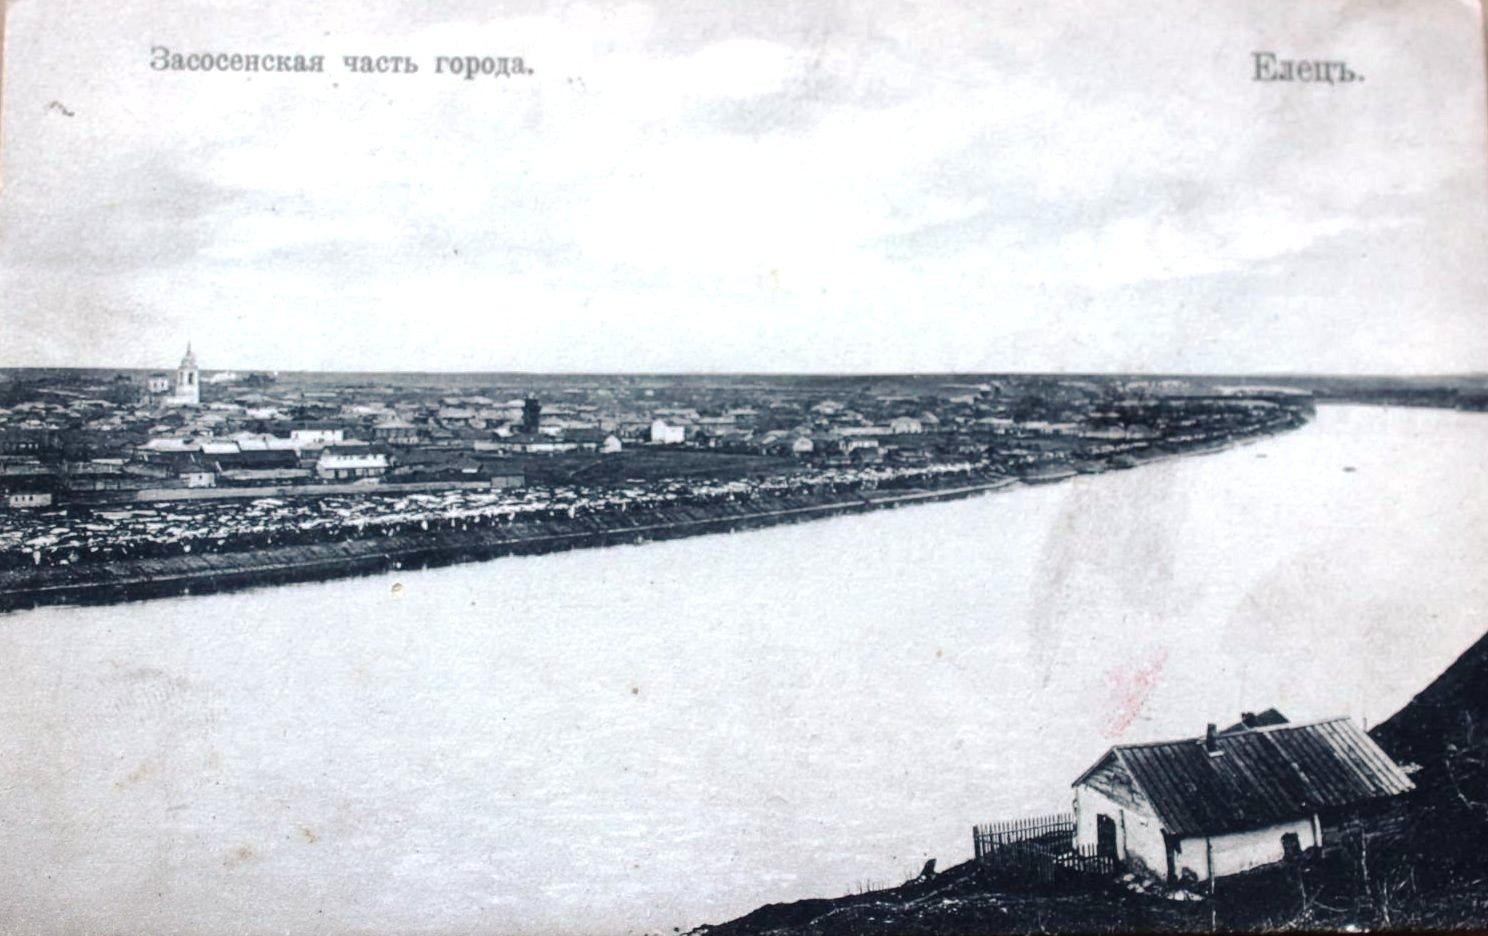 Засосенская часть города